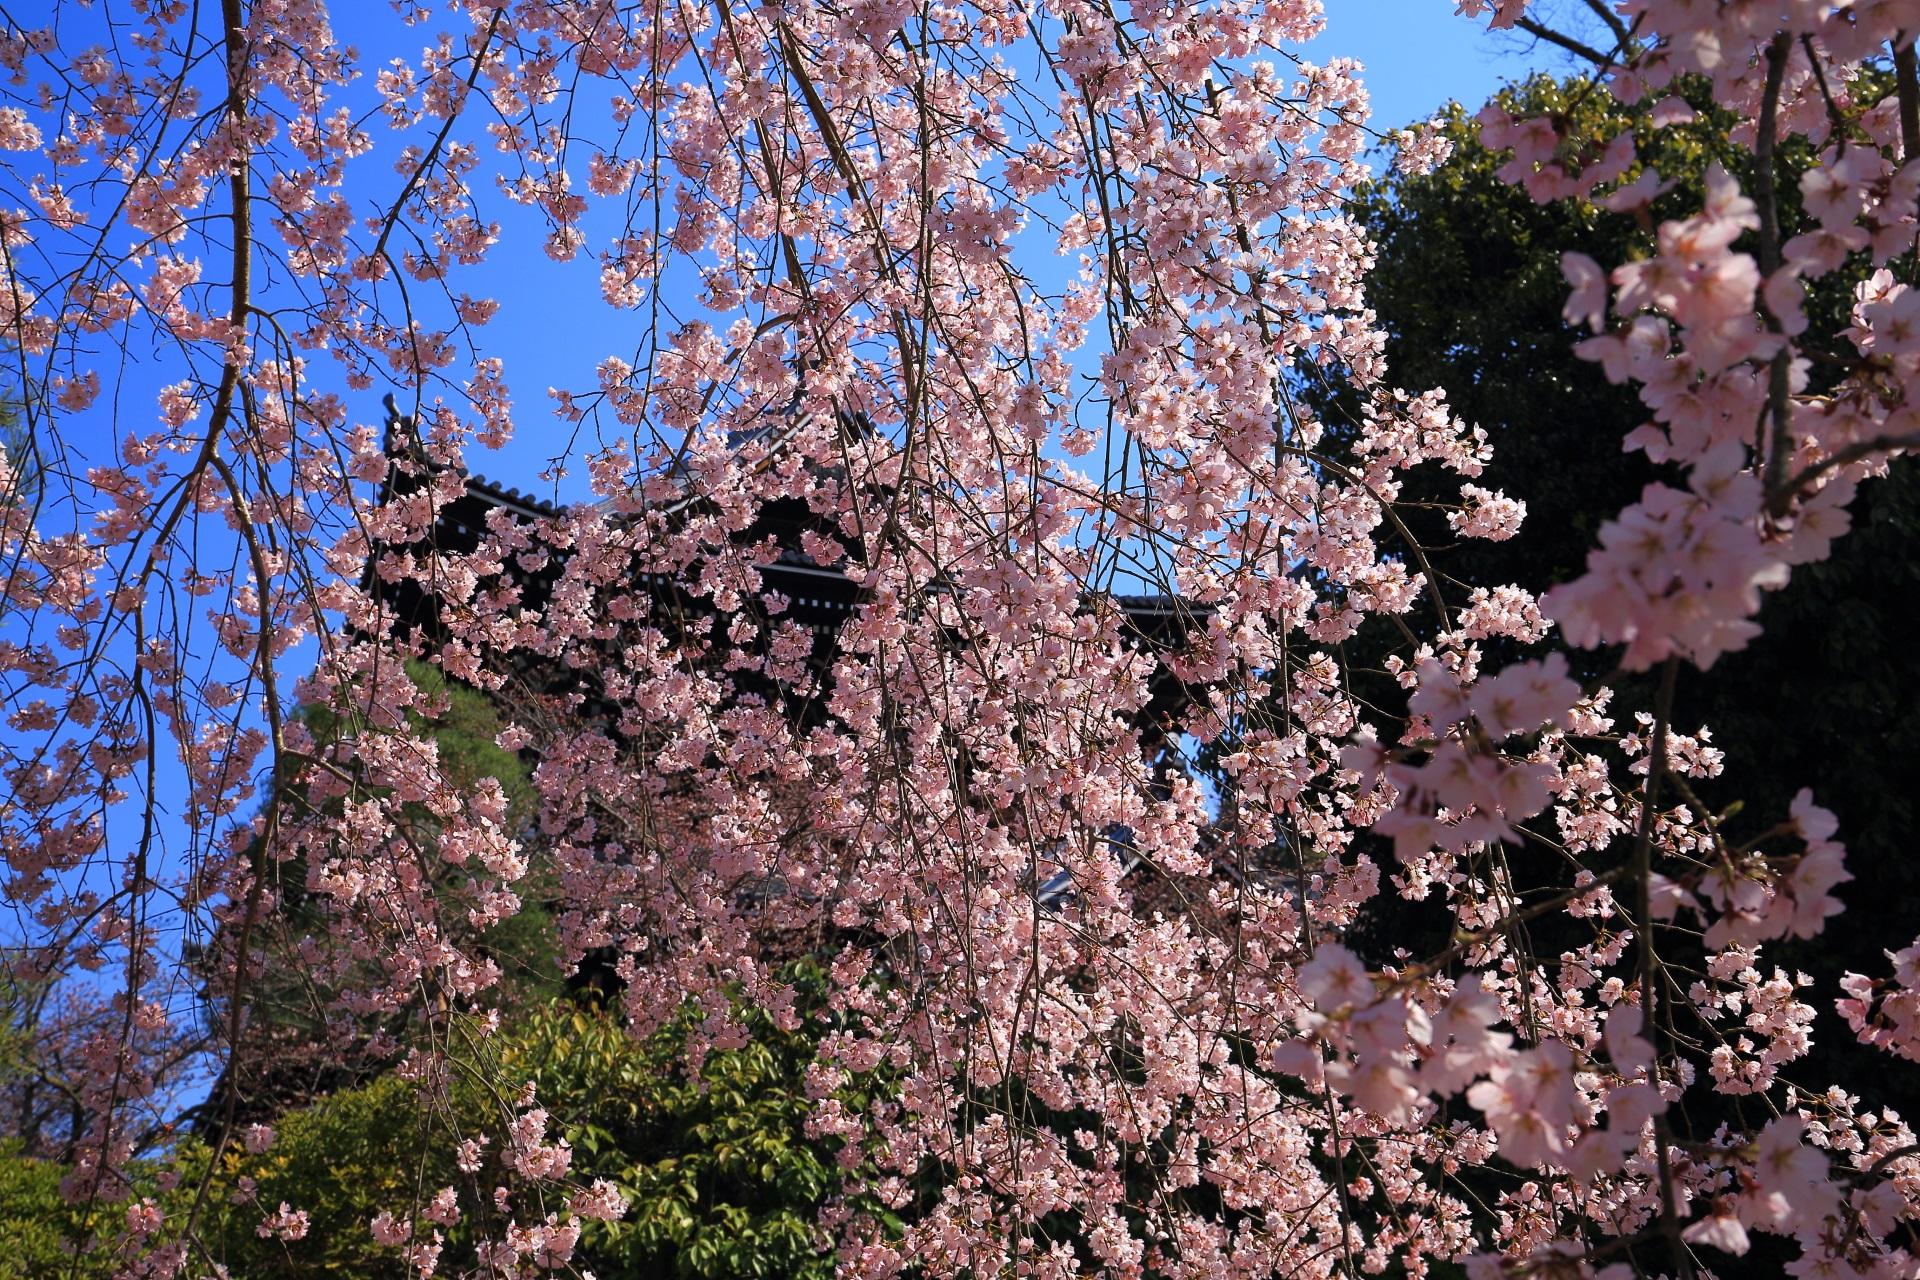 しだれ桜のピンクのカーテンに覆われる春の友禅苑